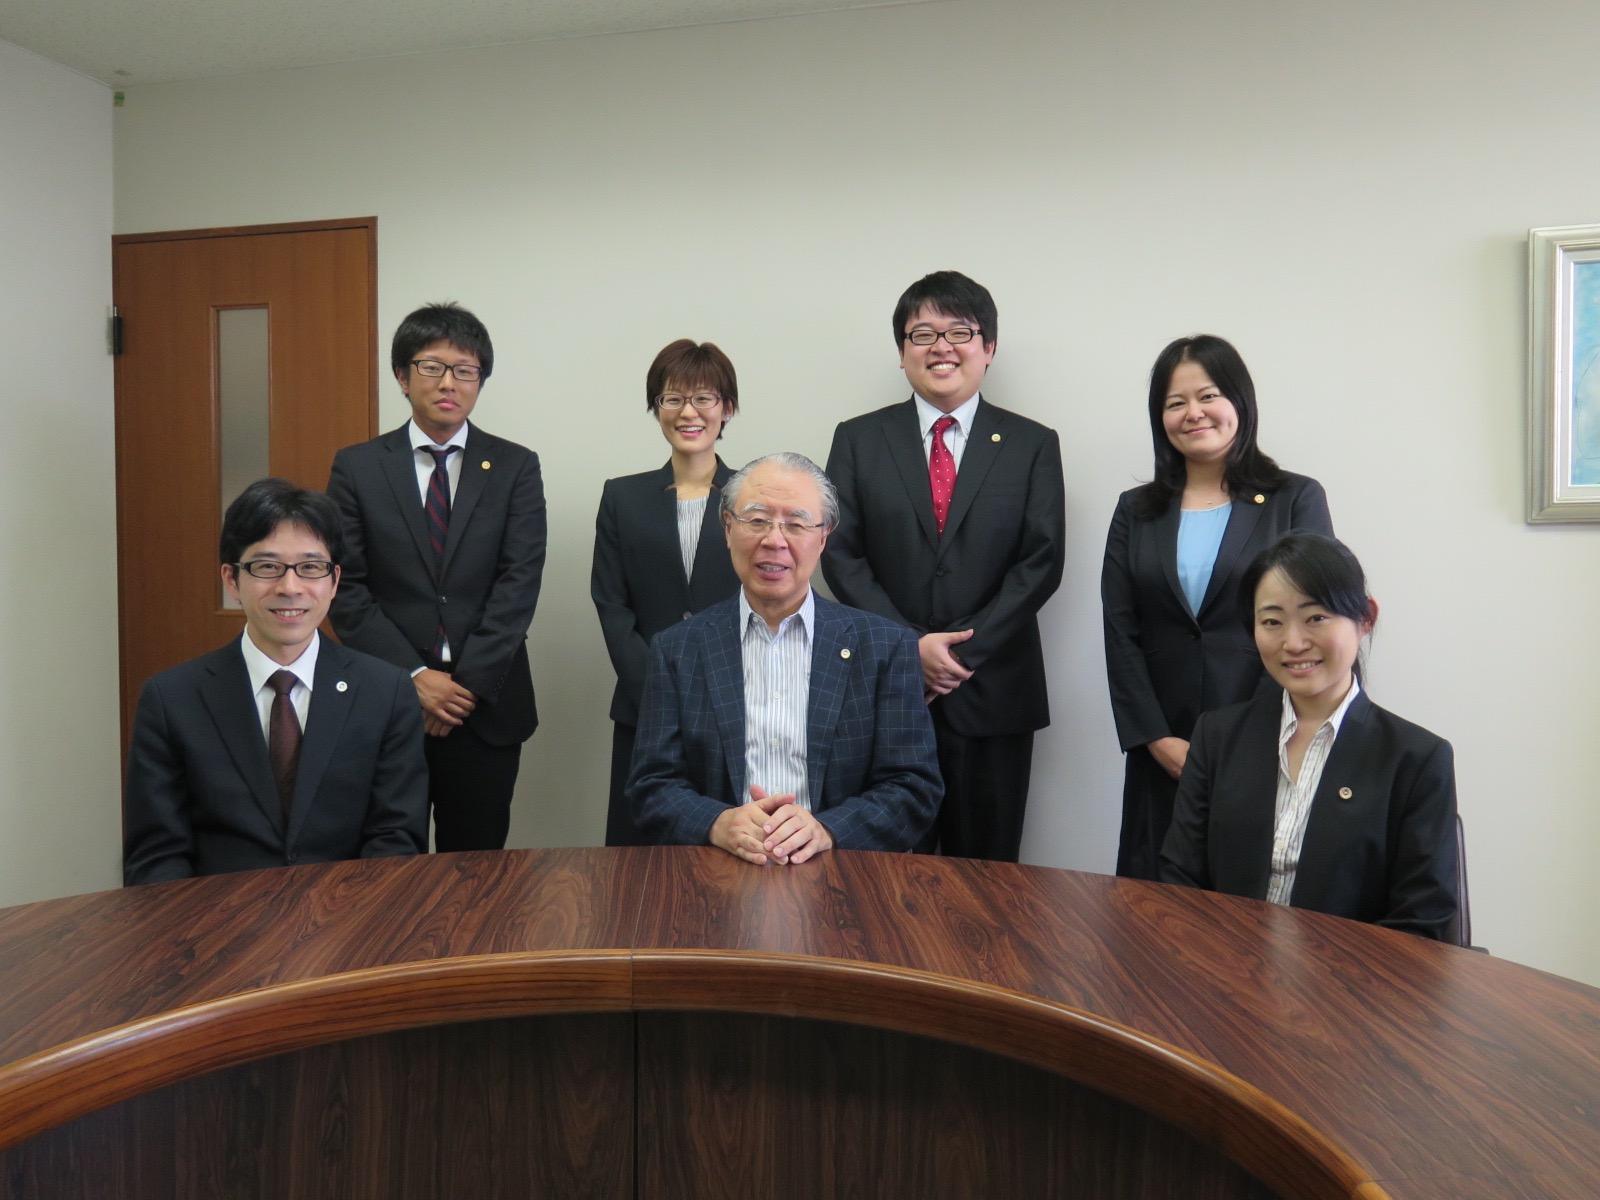 弁護士法人菊池綜合法律事務所 -...